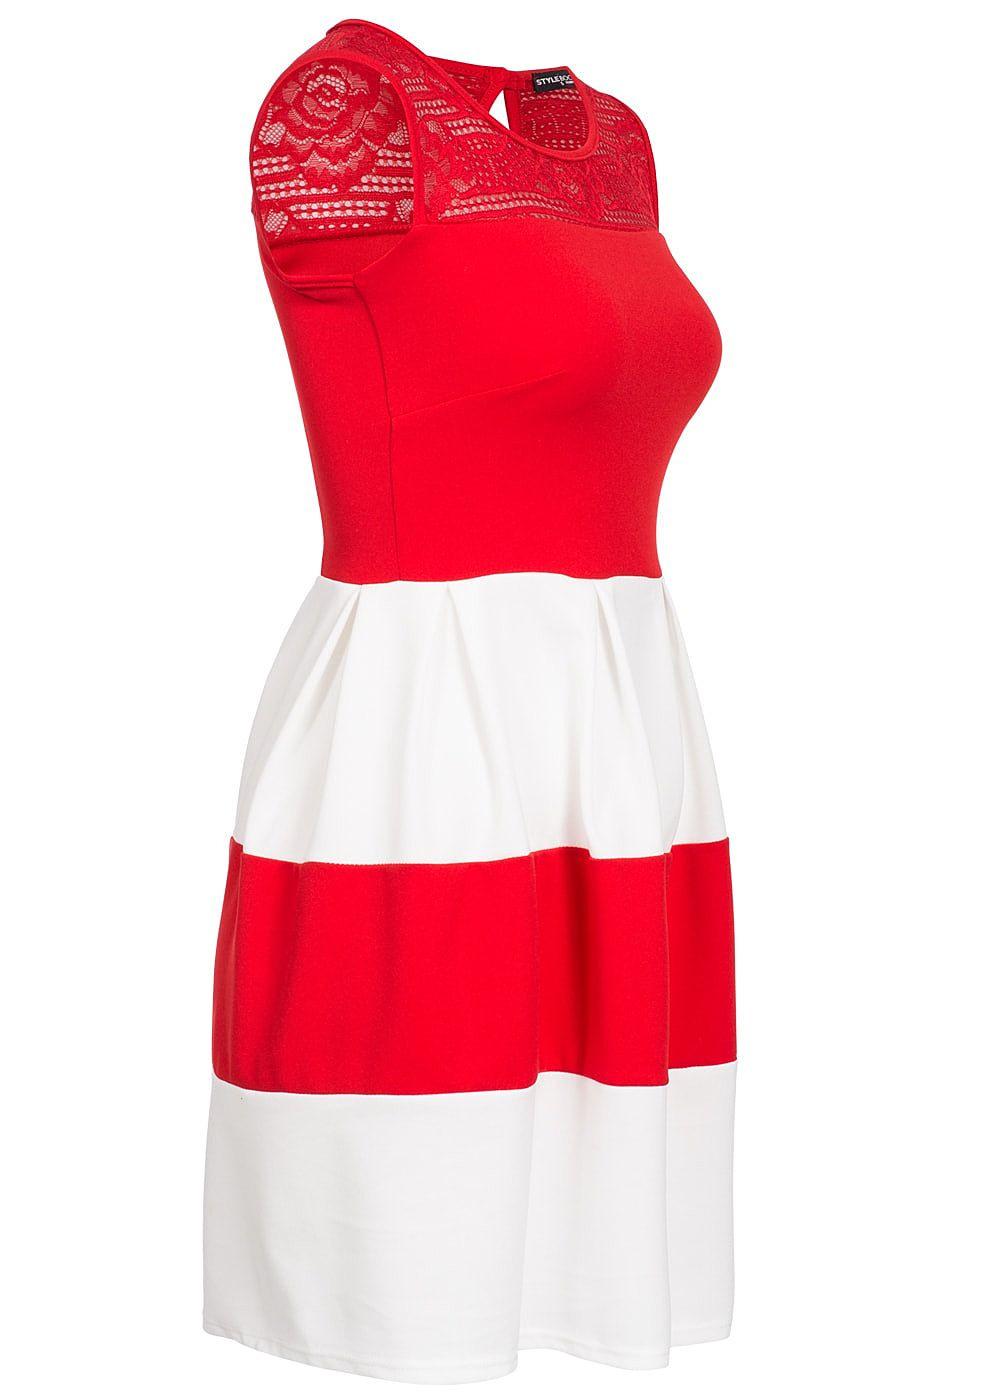 Ausgezeichnet Kleid Gestreift für 2019 Einfach Kleid Gestreift Boutique